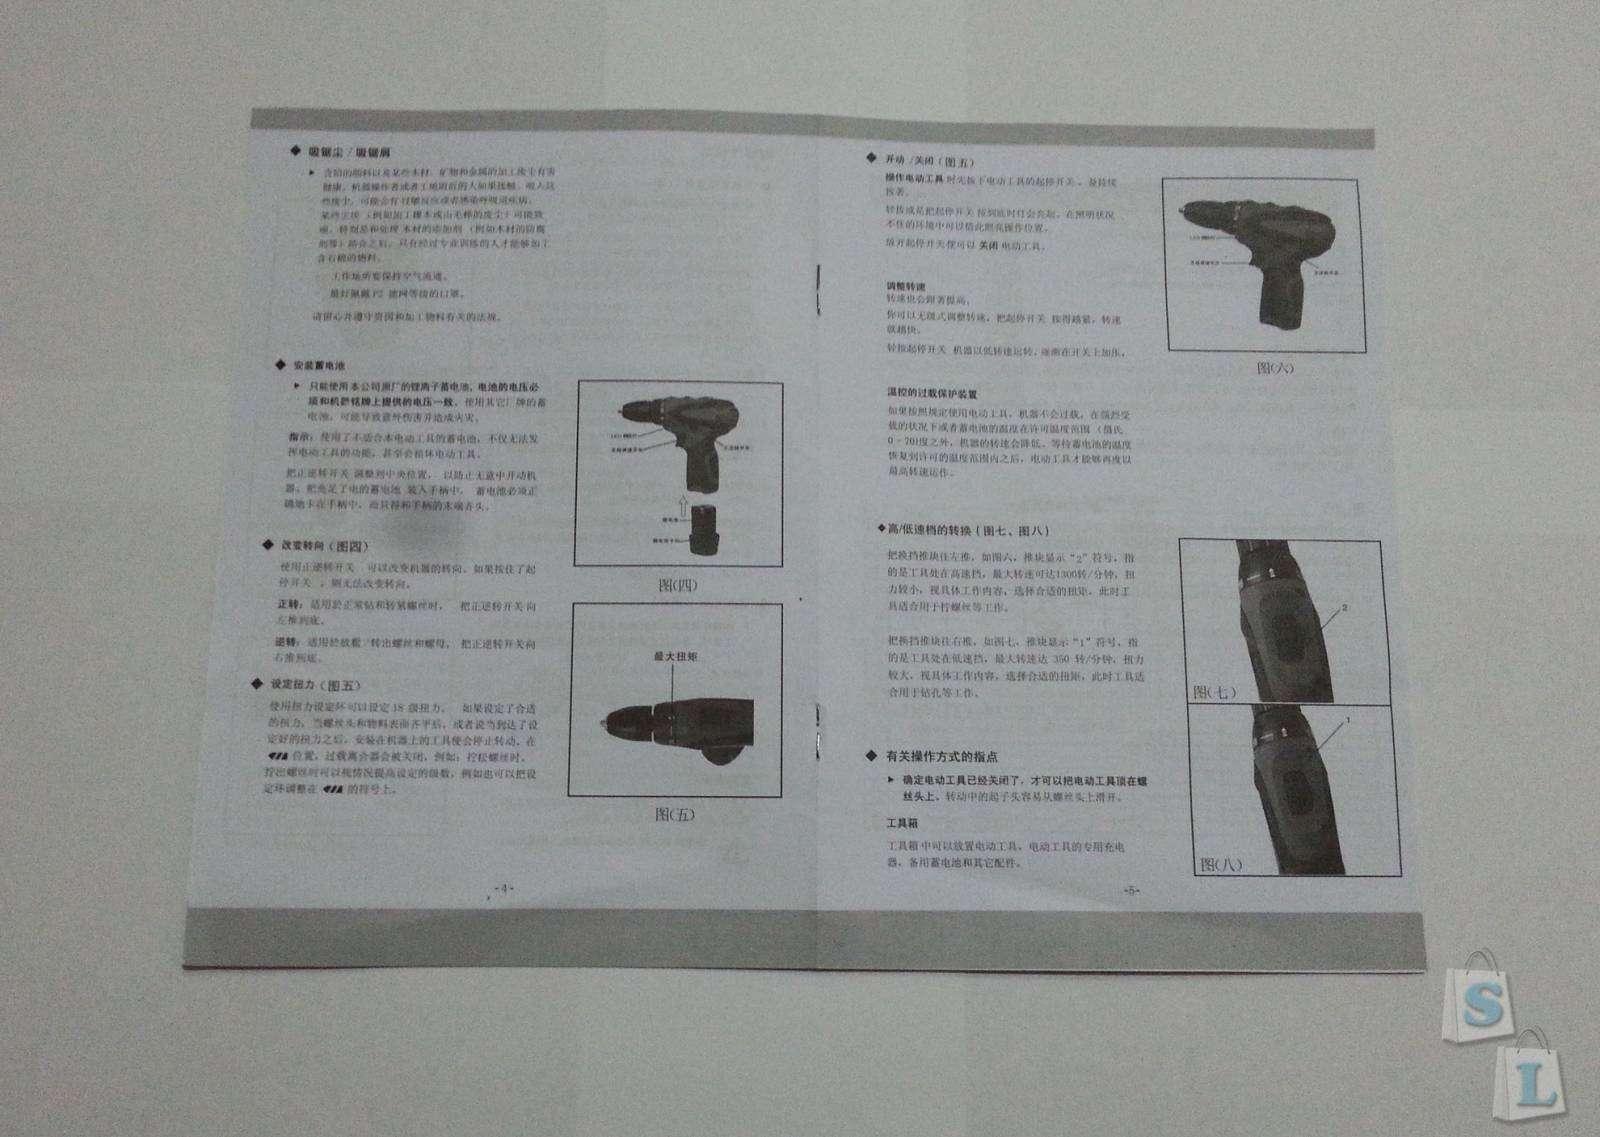 Banggood: Антикризисный шуруповерт MNT из Китая на литиевом питании